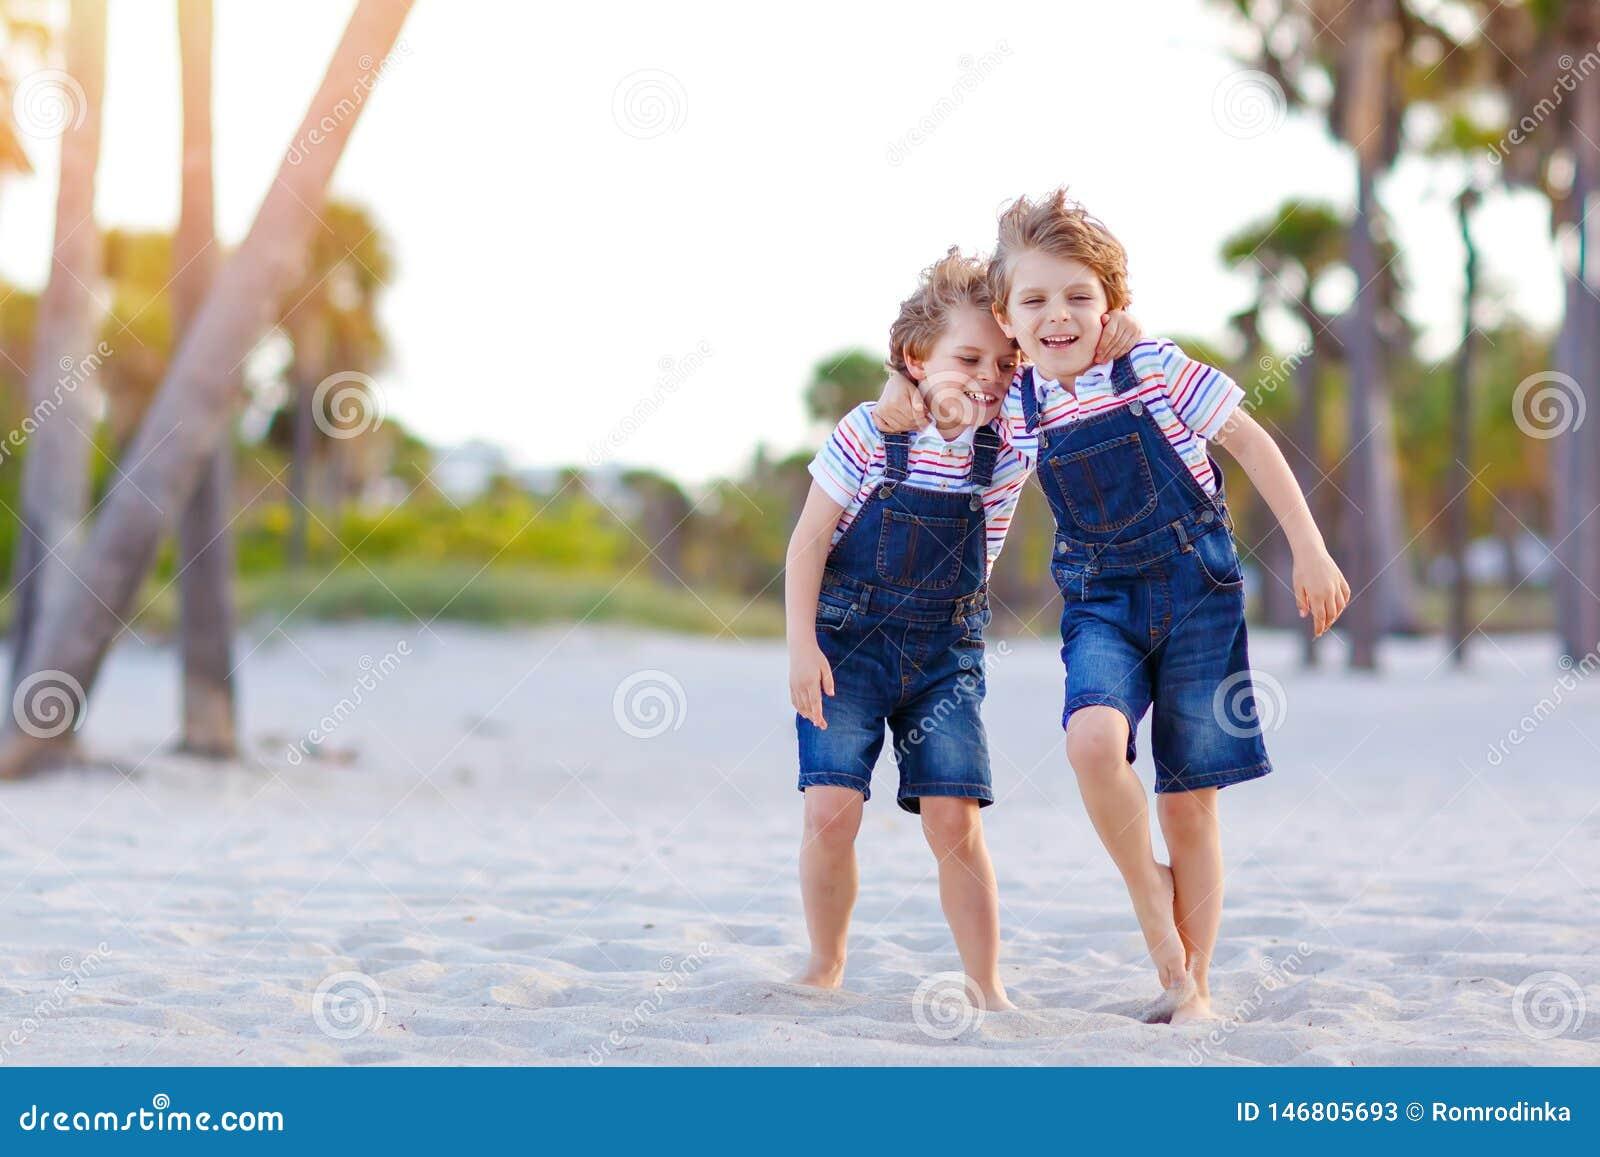 Dwa ma?e dziecko ch?opiec ma zabaw? na tropikalnej pla?y, szcz??liwi najlepsi przyjaciele bawi? si?, przyja?ni poj?cie Rodze?stwo